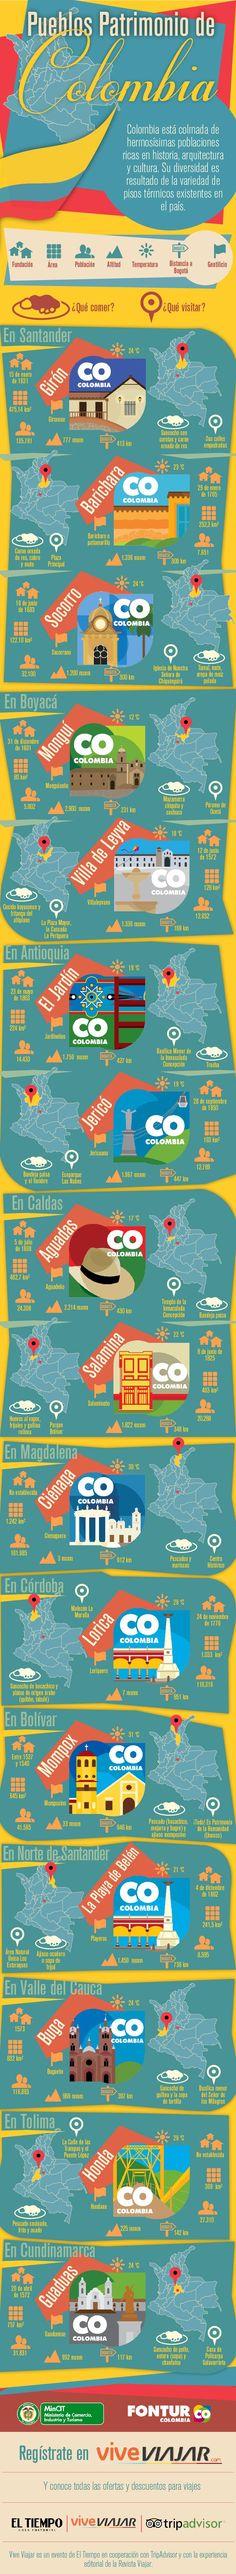 Hola: Una infografía sobre Pueblos patrimonio de Colombia. Vía Un saludo